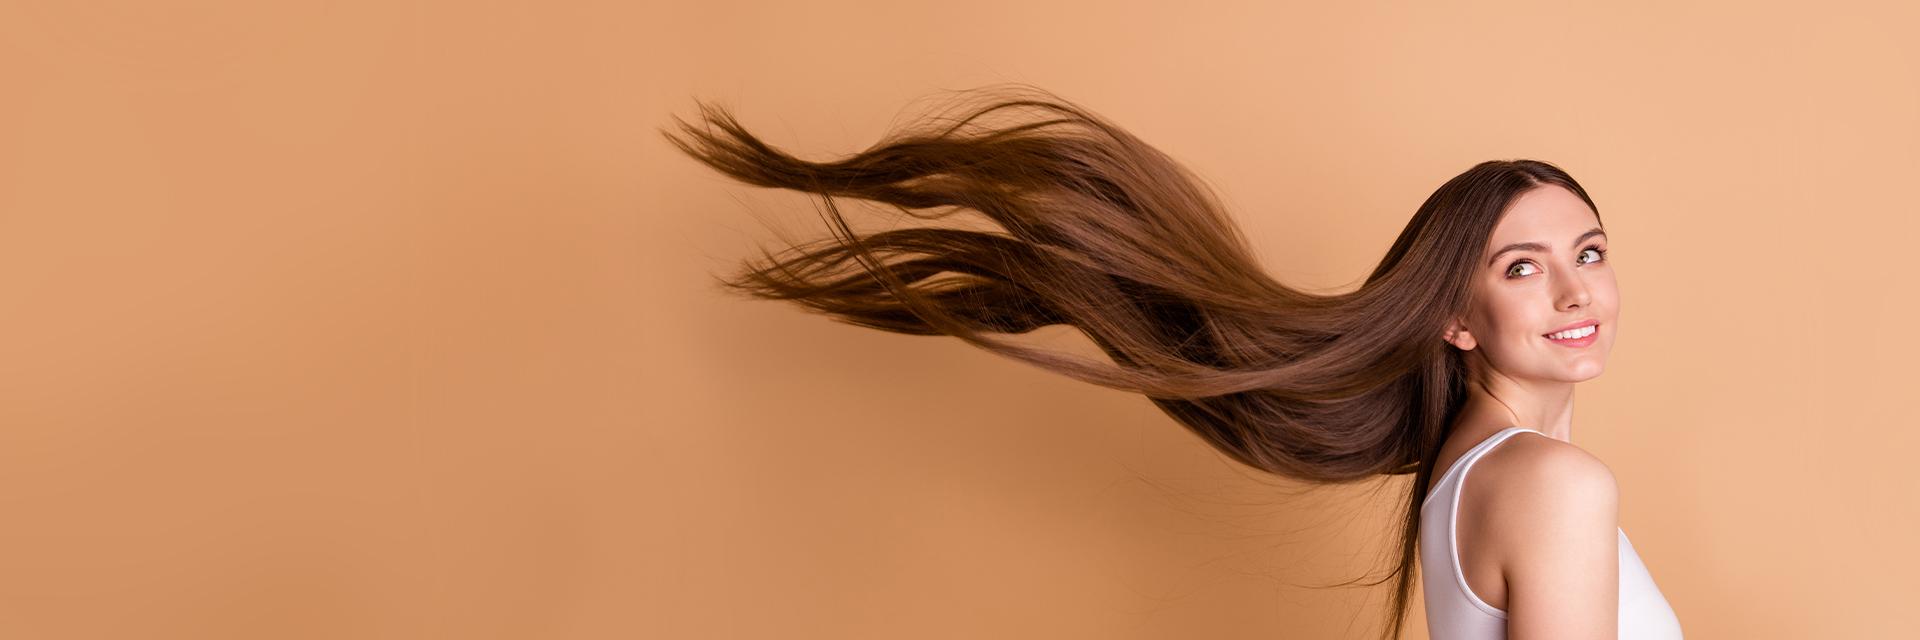 Haartyp